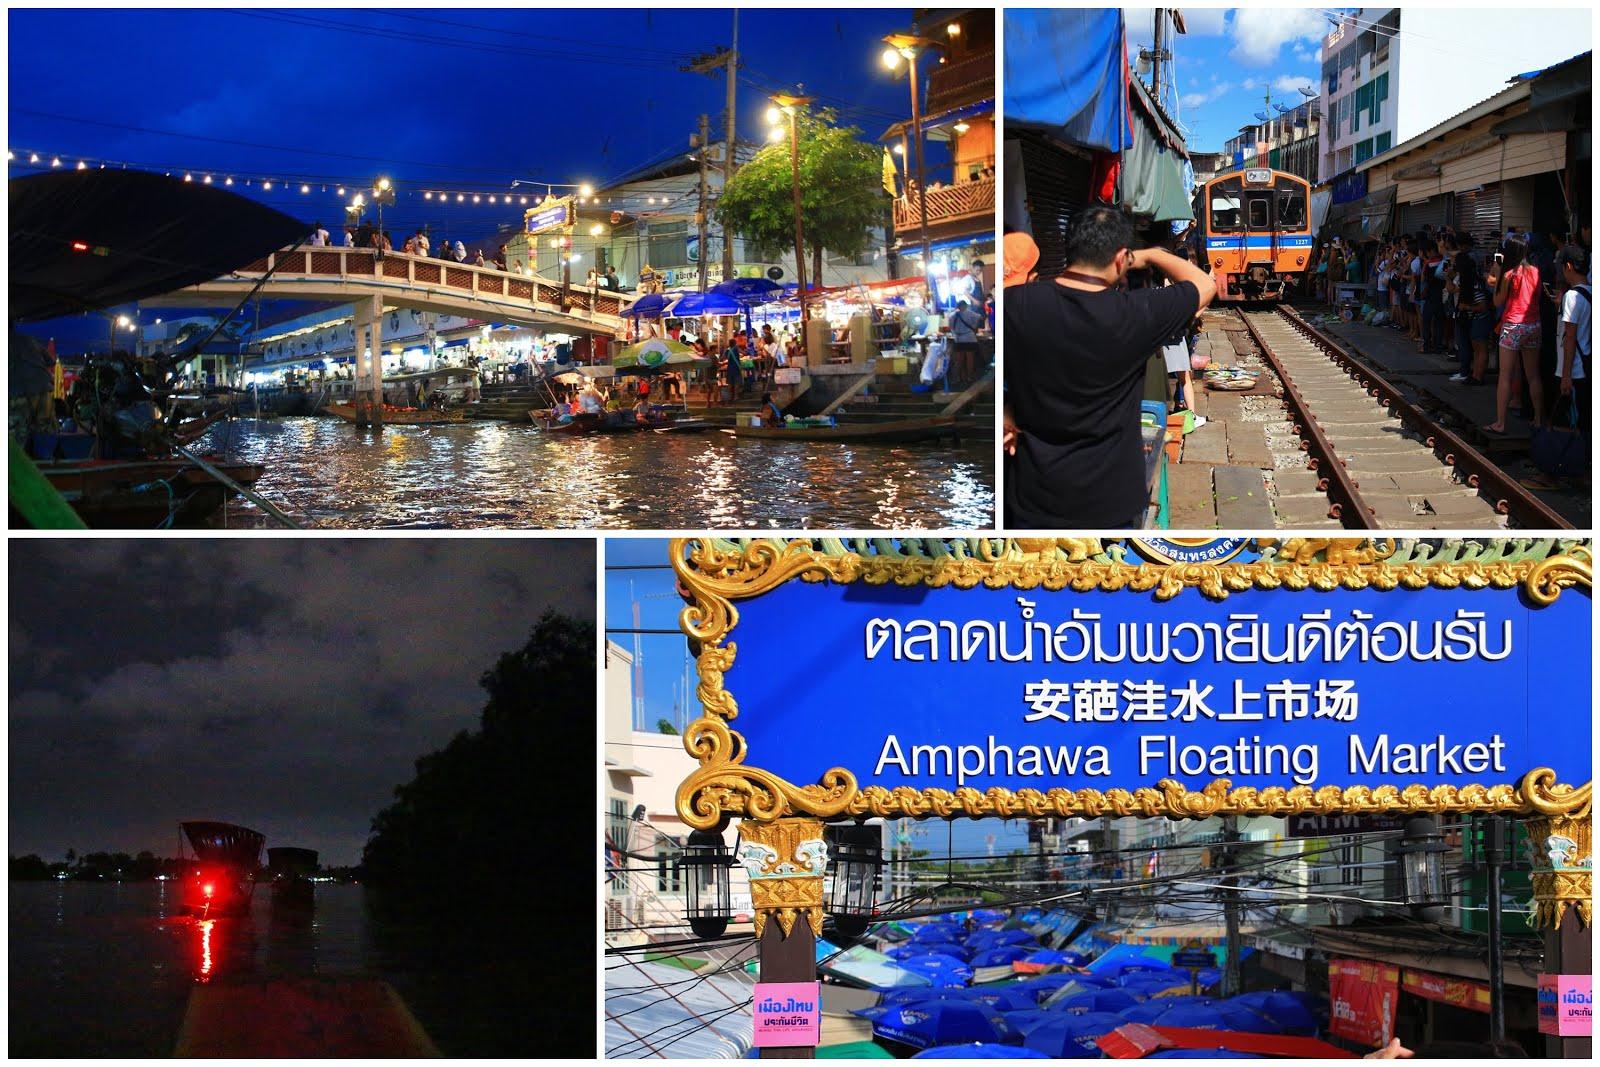 阿堡的世界: 曼谷郊區一日遊 (下):美功鐵道市場+安帕瓦水上市場+湄公河賞螢火蟲